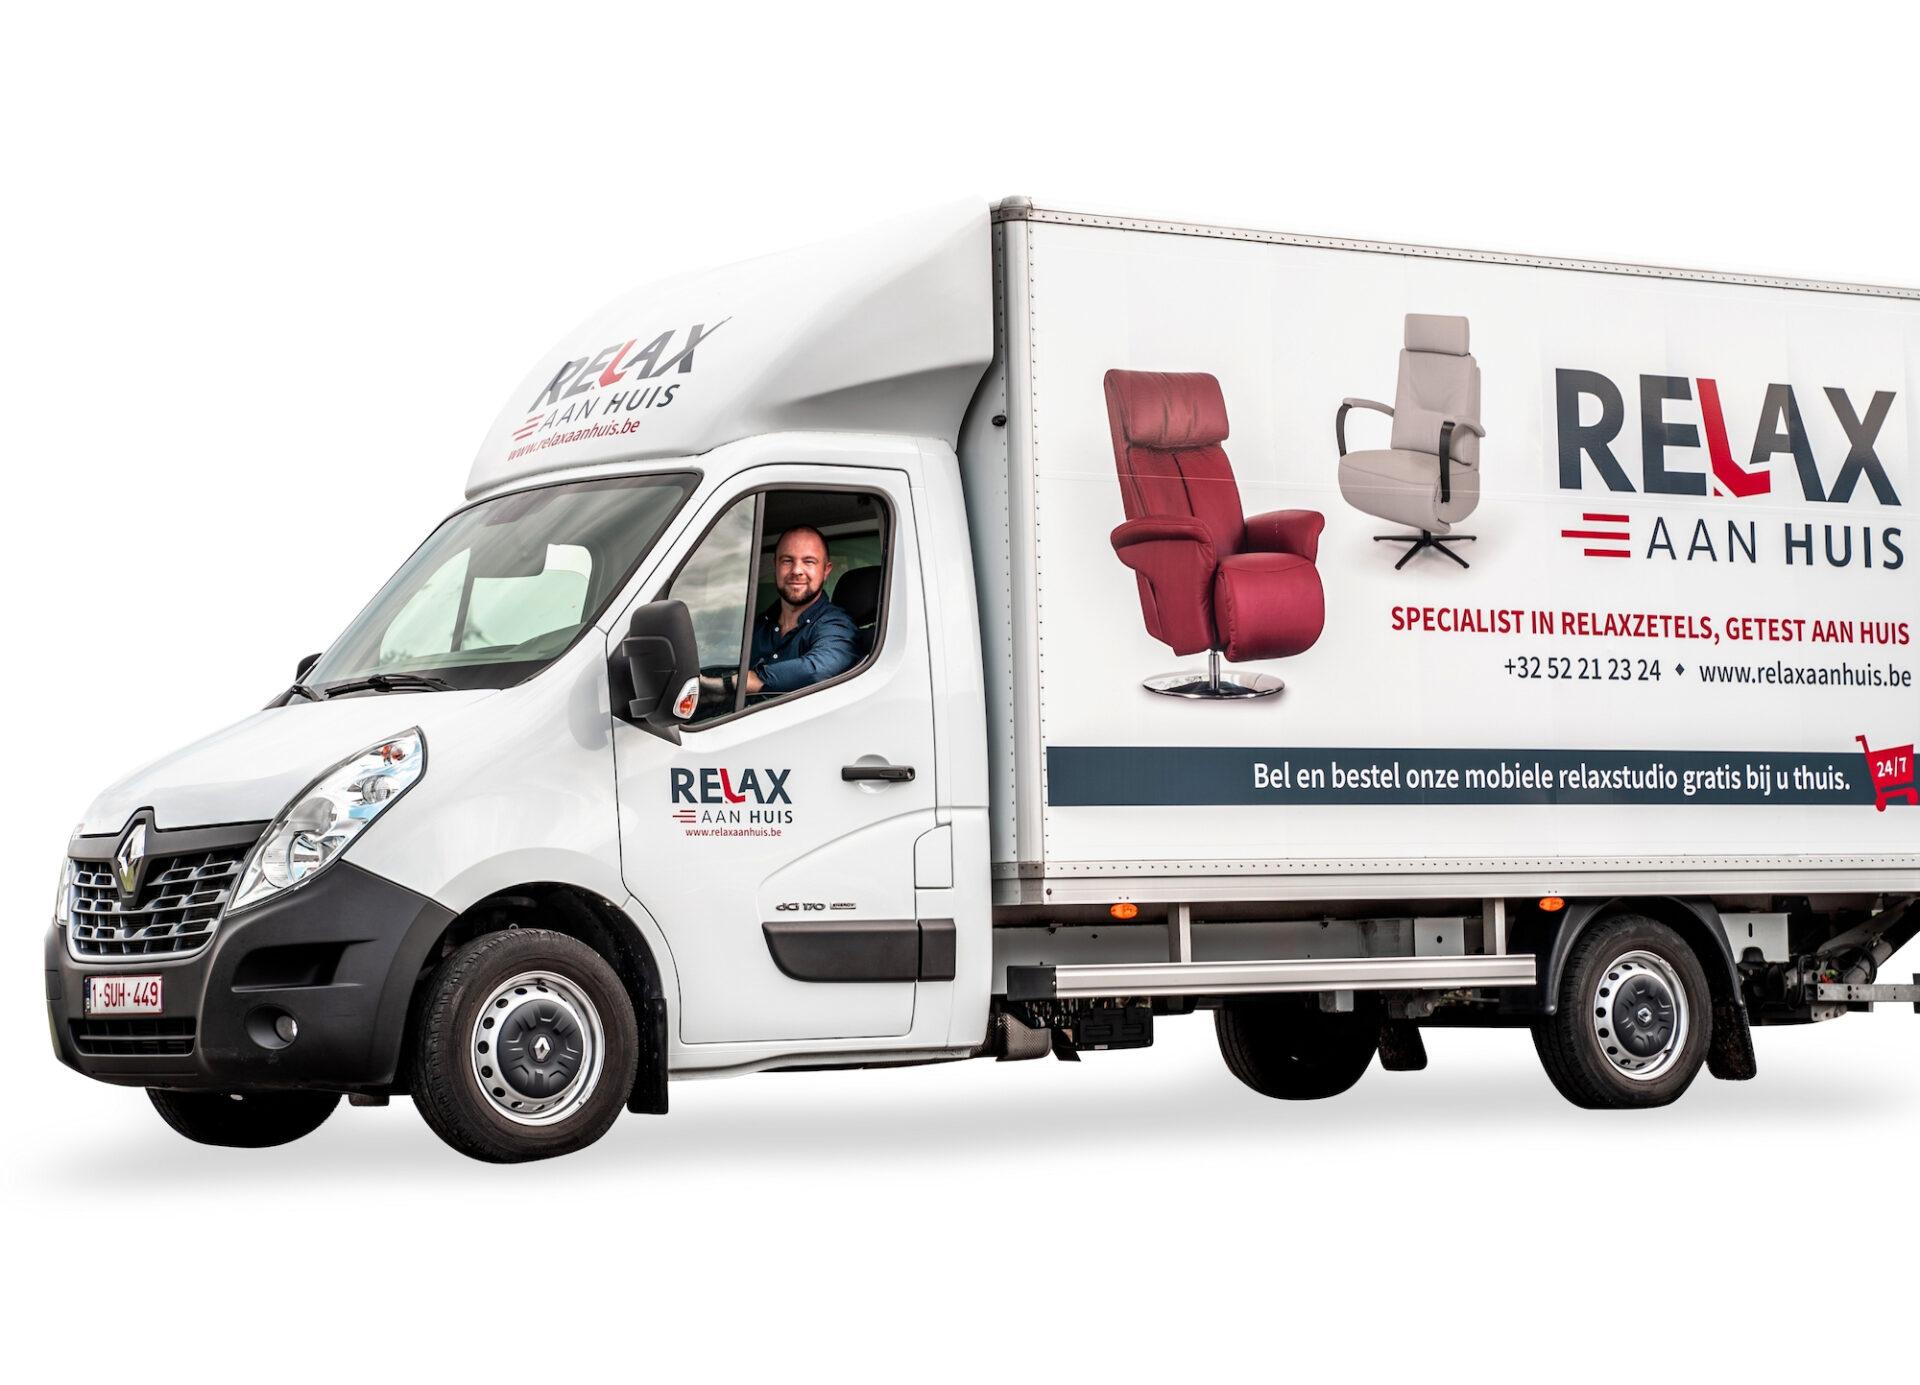 Bestickering truck Relax Aan Huis door Drukkerij M. Janssens